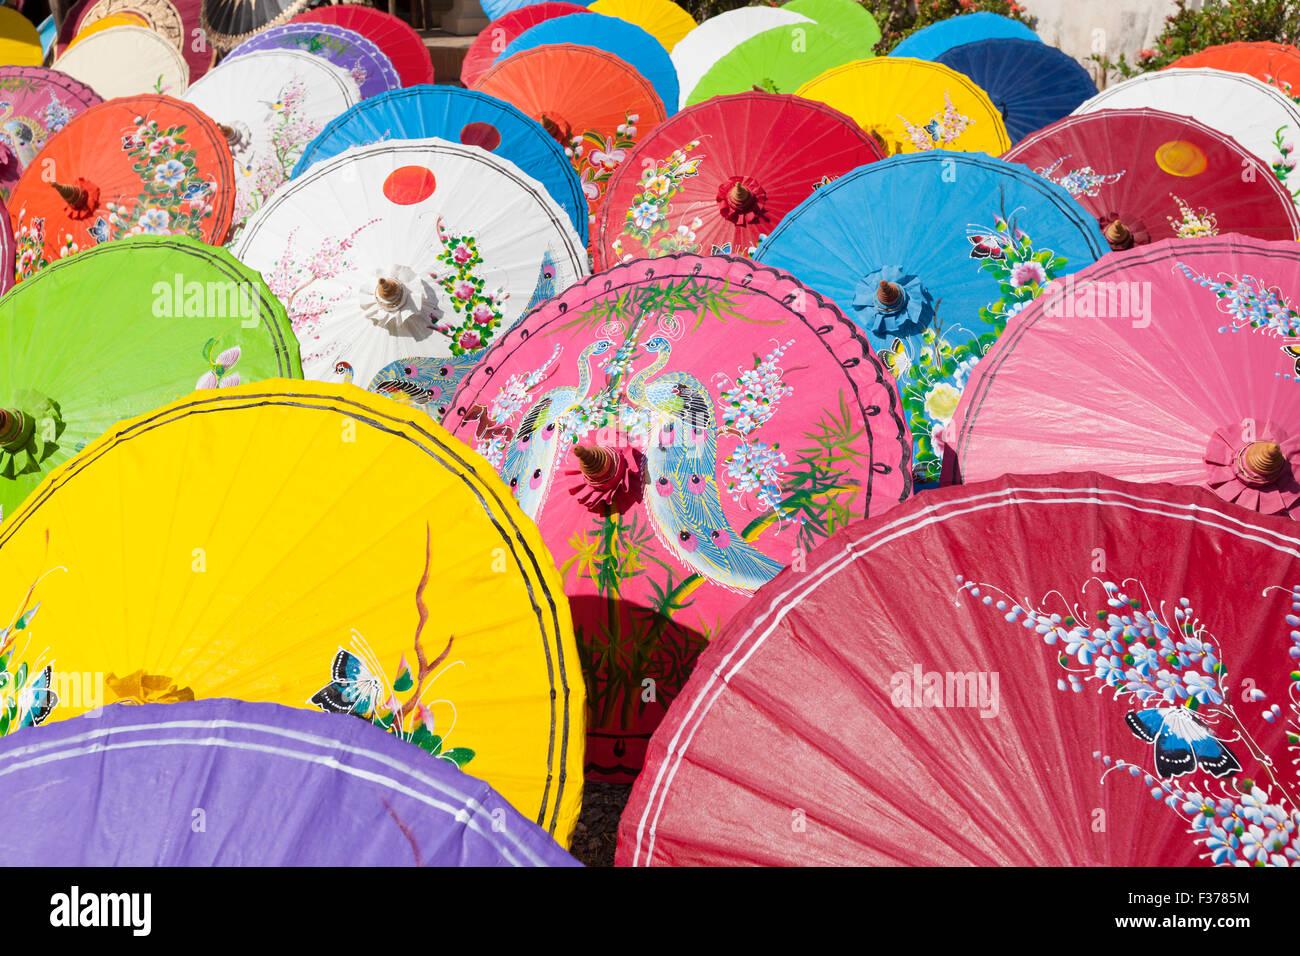 Handgeschöpftes Papier Sonnenschirme trocknen in der Sonne bei einem Regenschirm-Fabrik in Bo Sang, Provinz Stockbild